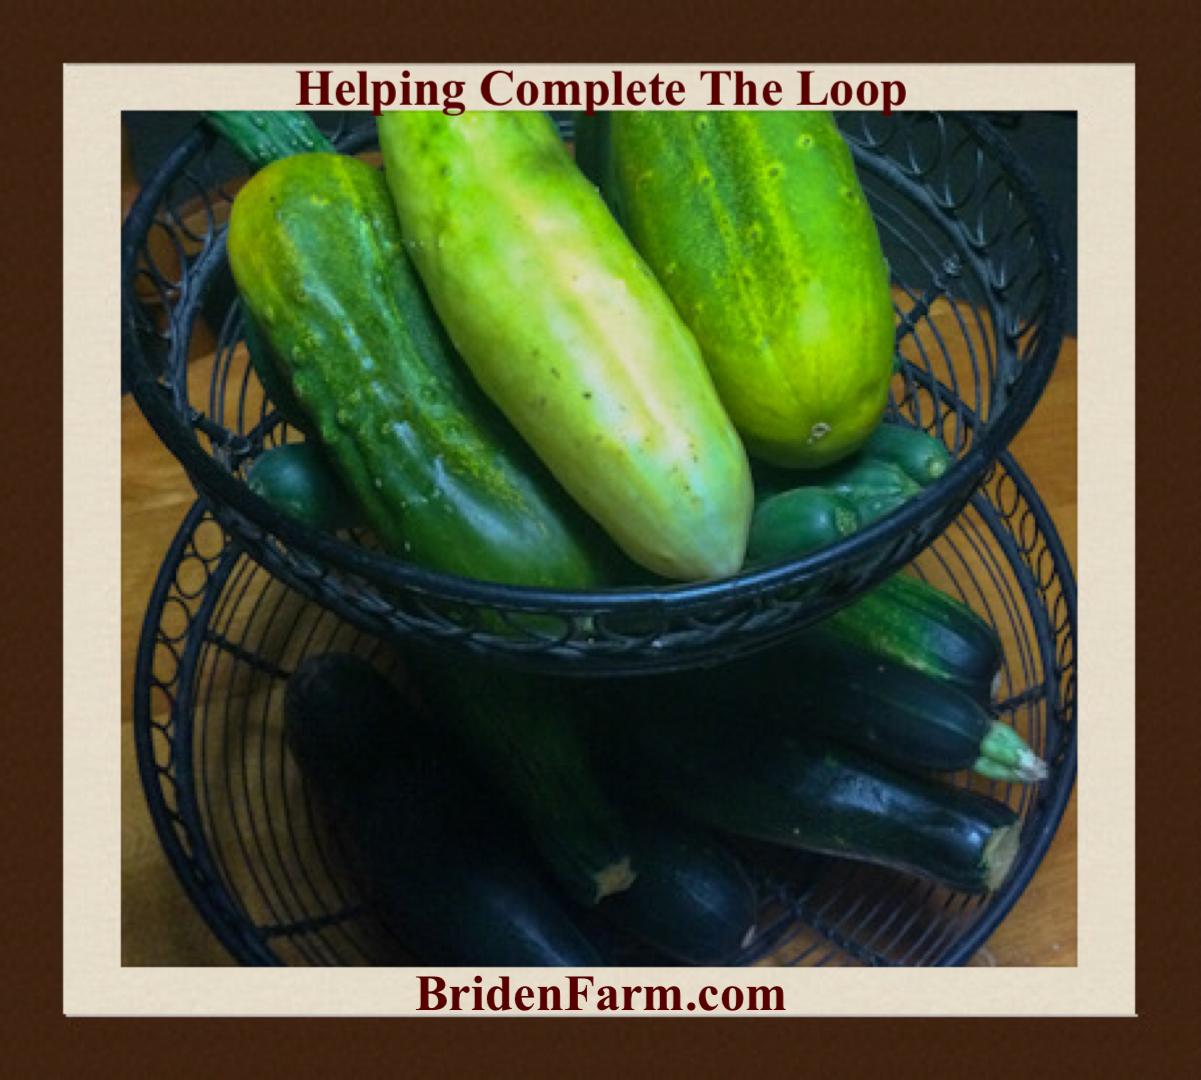 Helping Complete The Loop